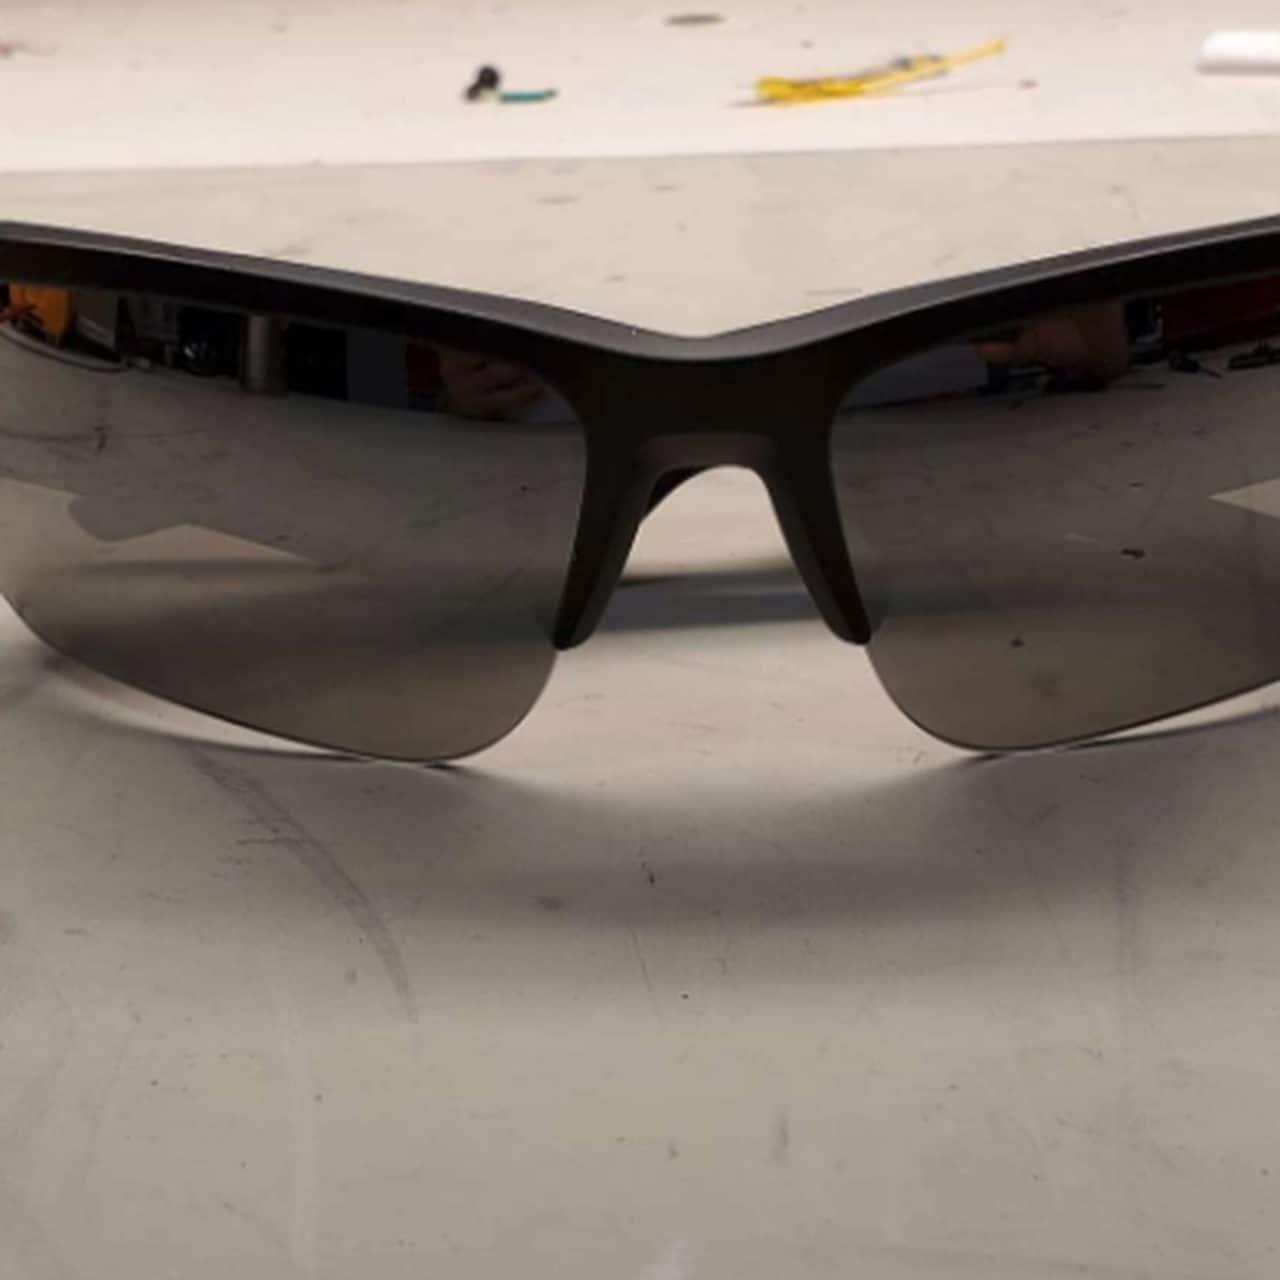 Ecco come potrebbero essere i nuovi occhiali da sole con audio BoseFrames (foto)